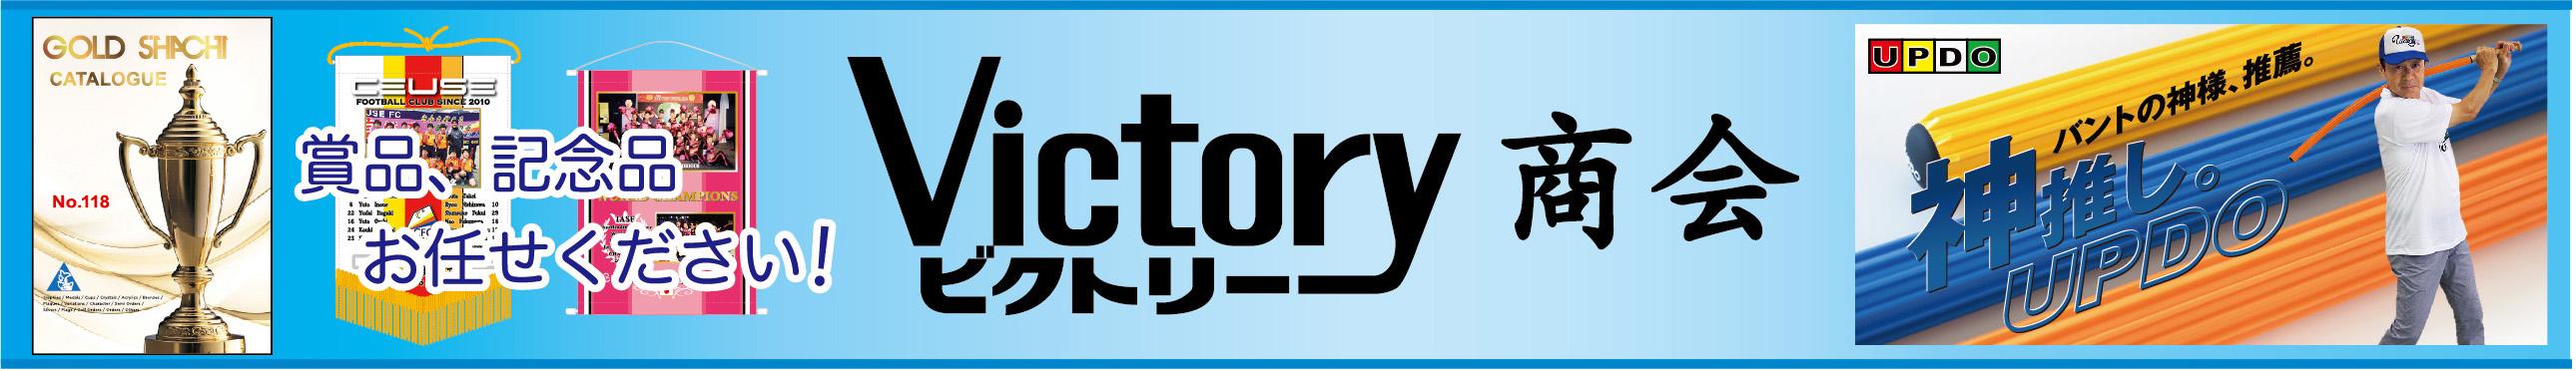 ビクトリー商会ショッピングサイト